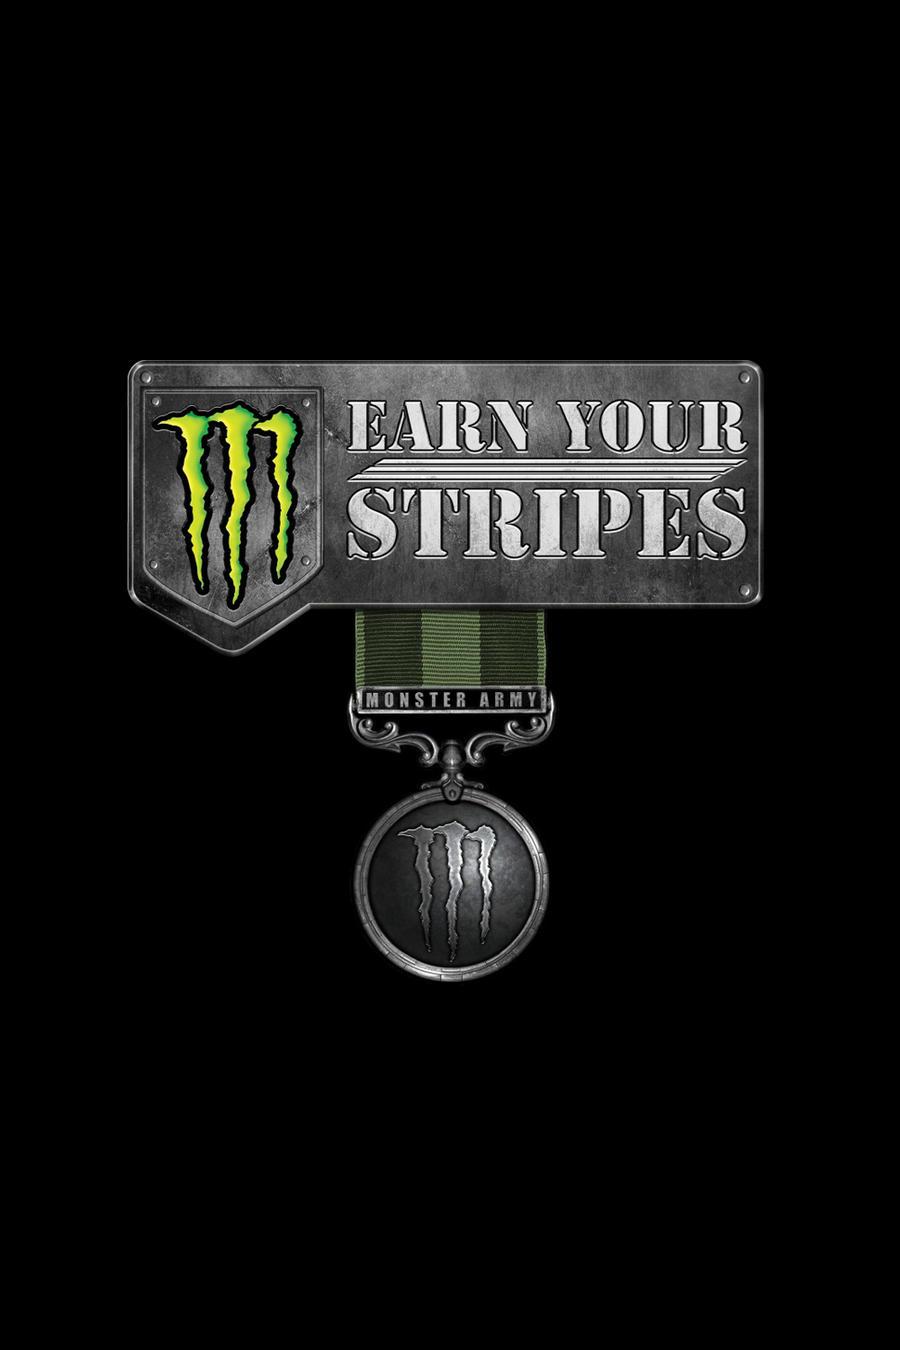 monster army logo wallpaper